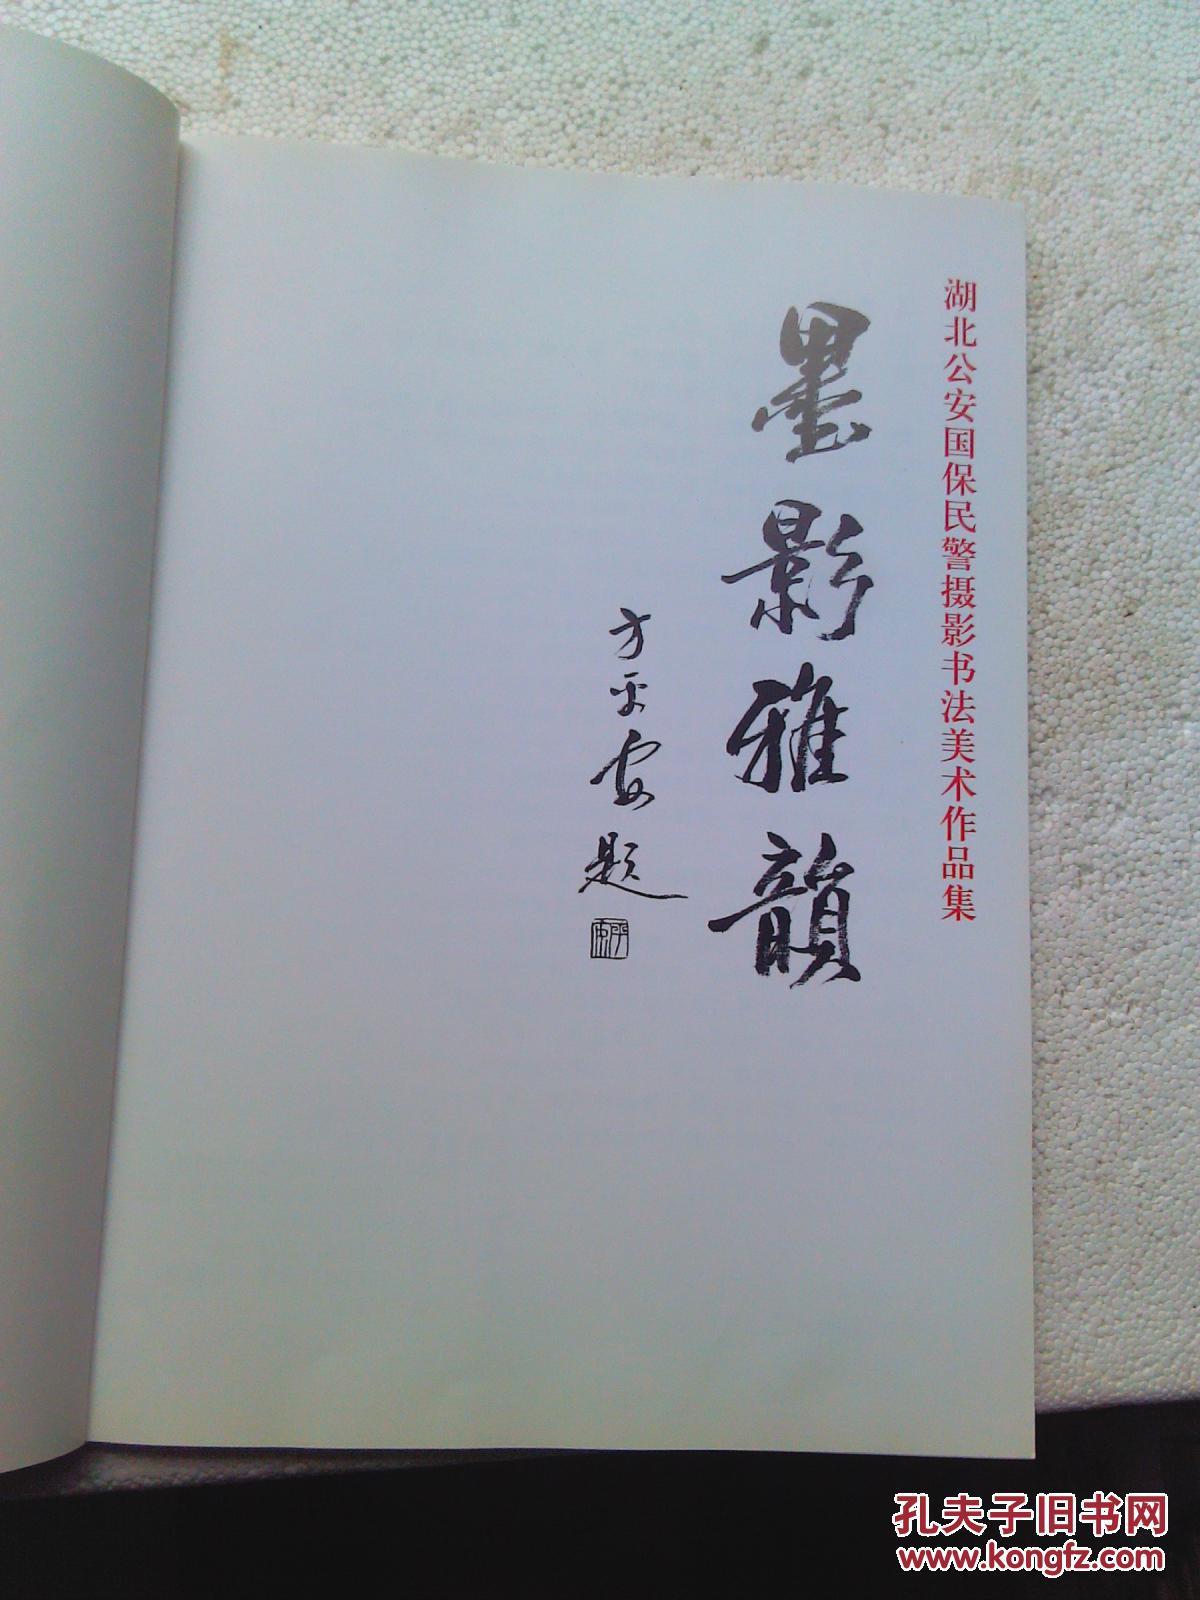 墨影雅韵 湖北公安国保民警摄影书法美术作品集图片